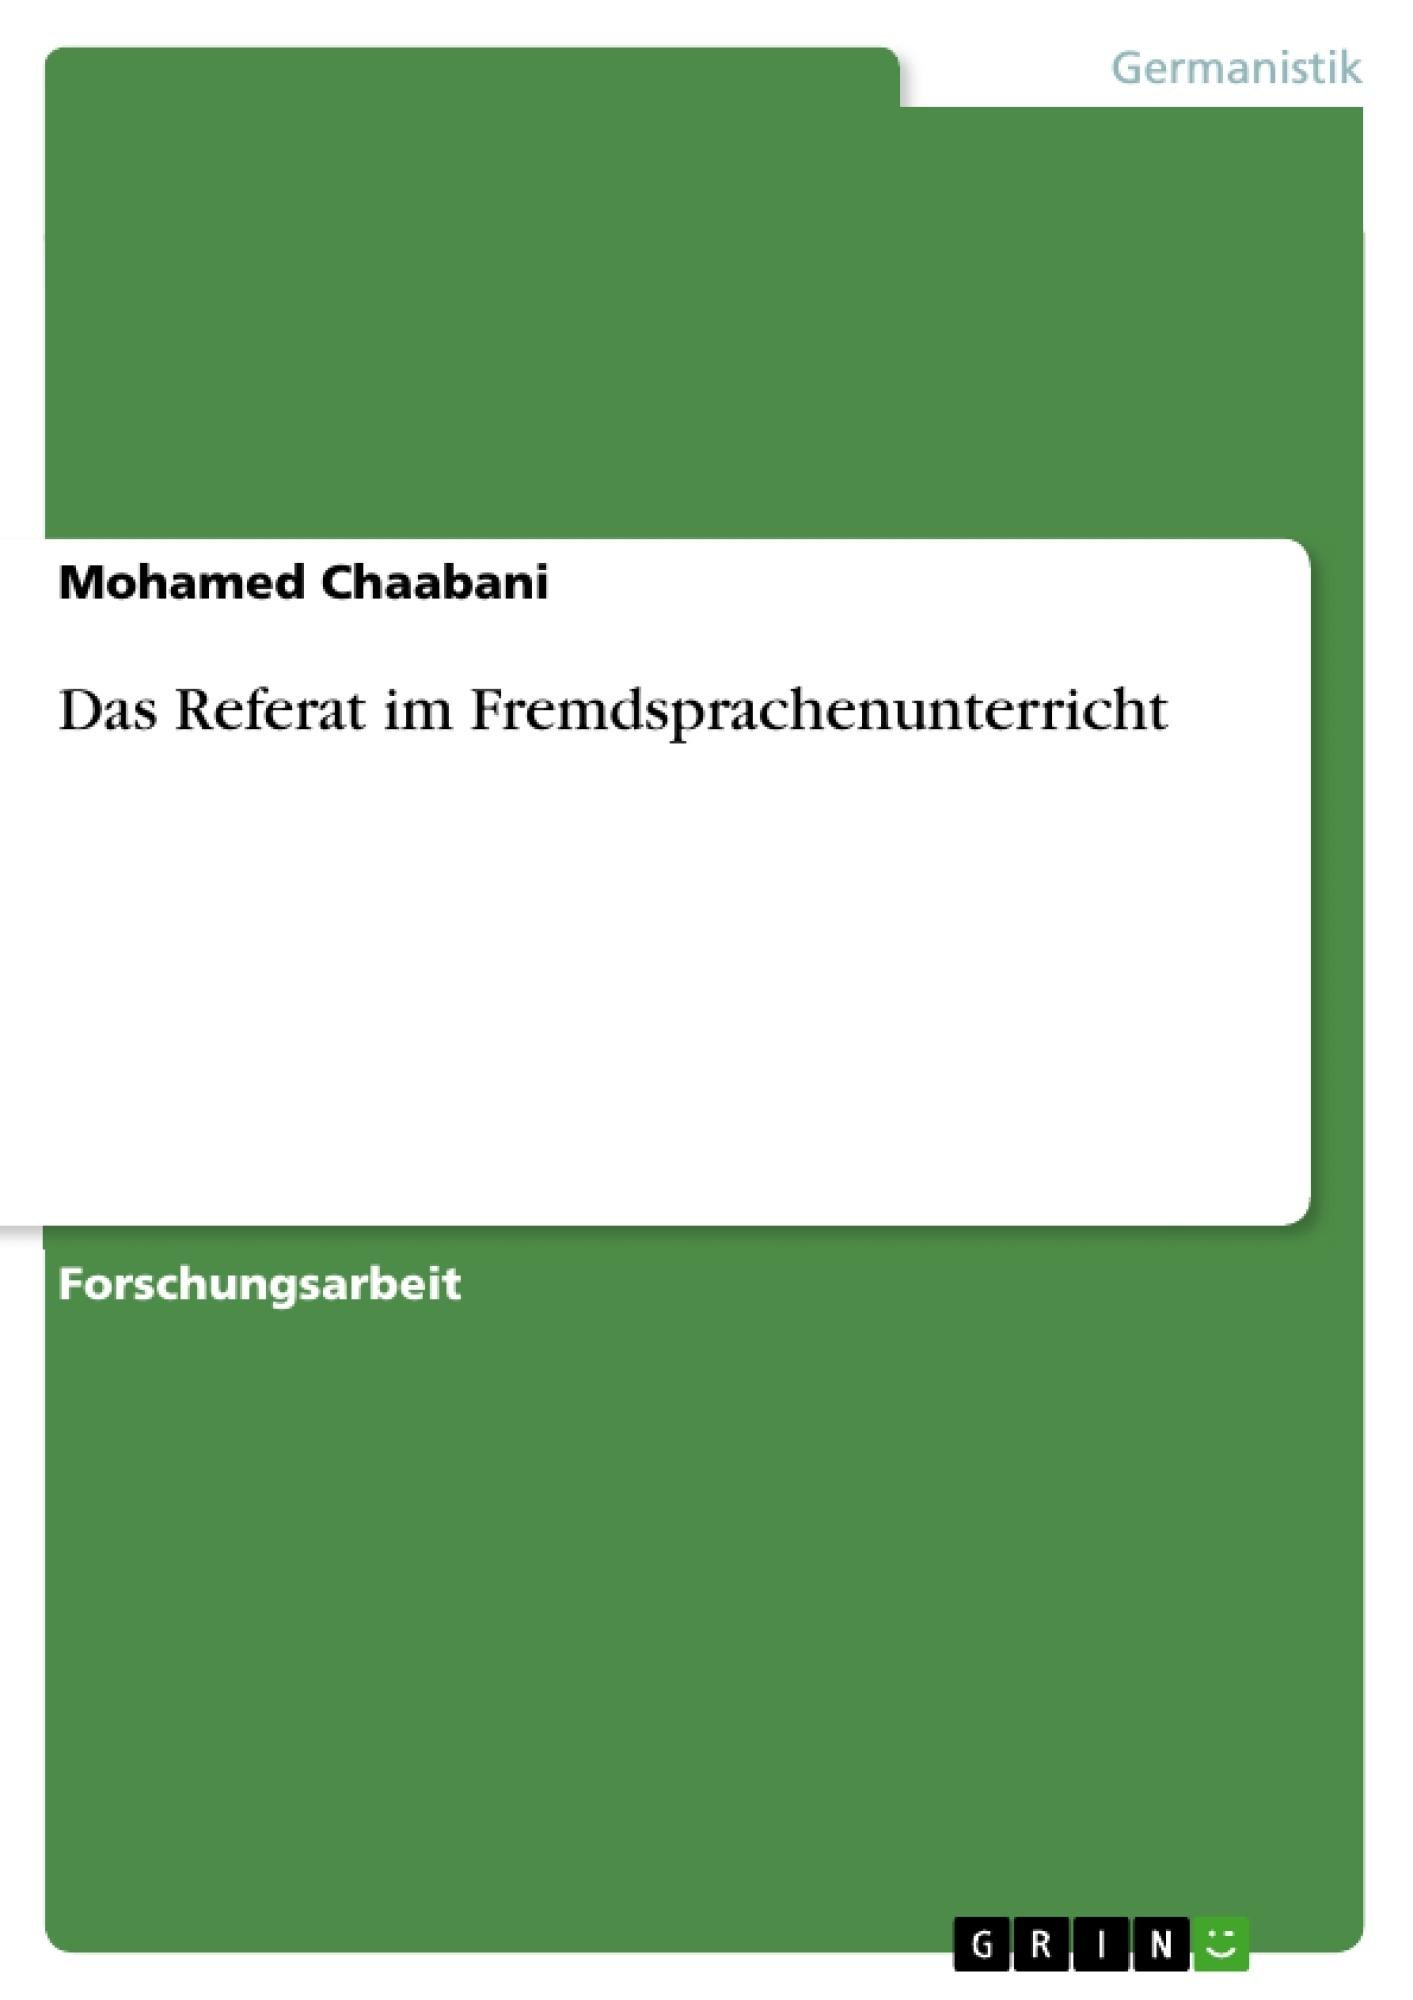 Titel: Das Referat im Fremdsprachenunterricht